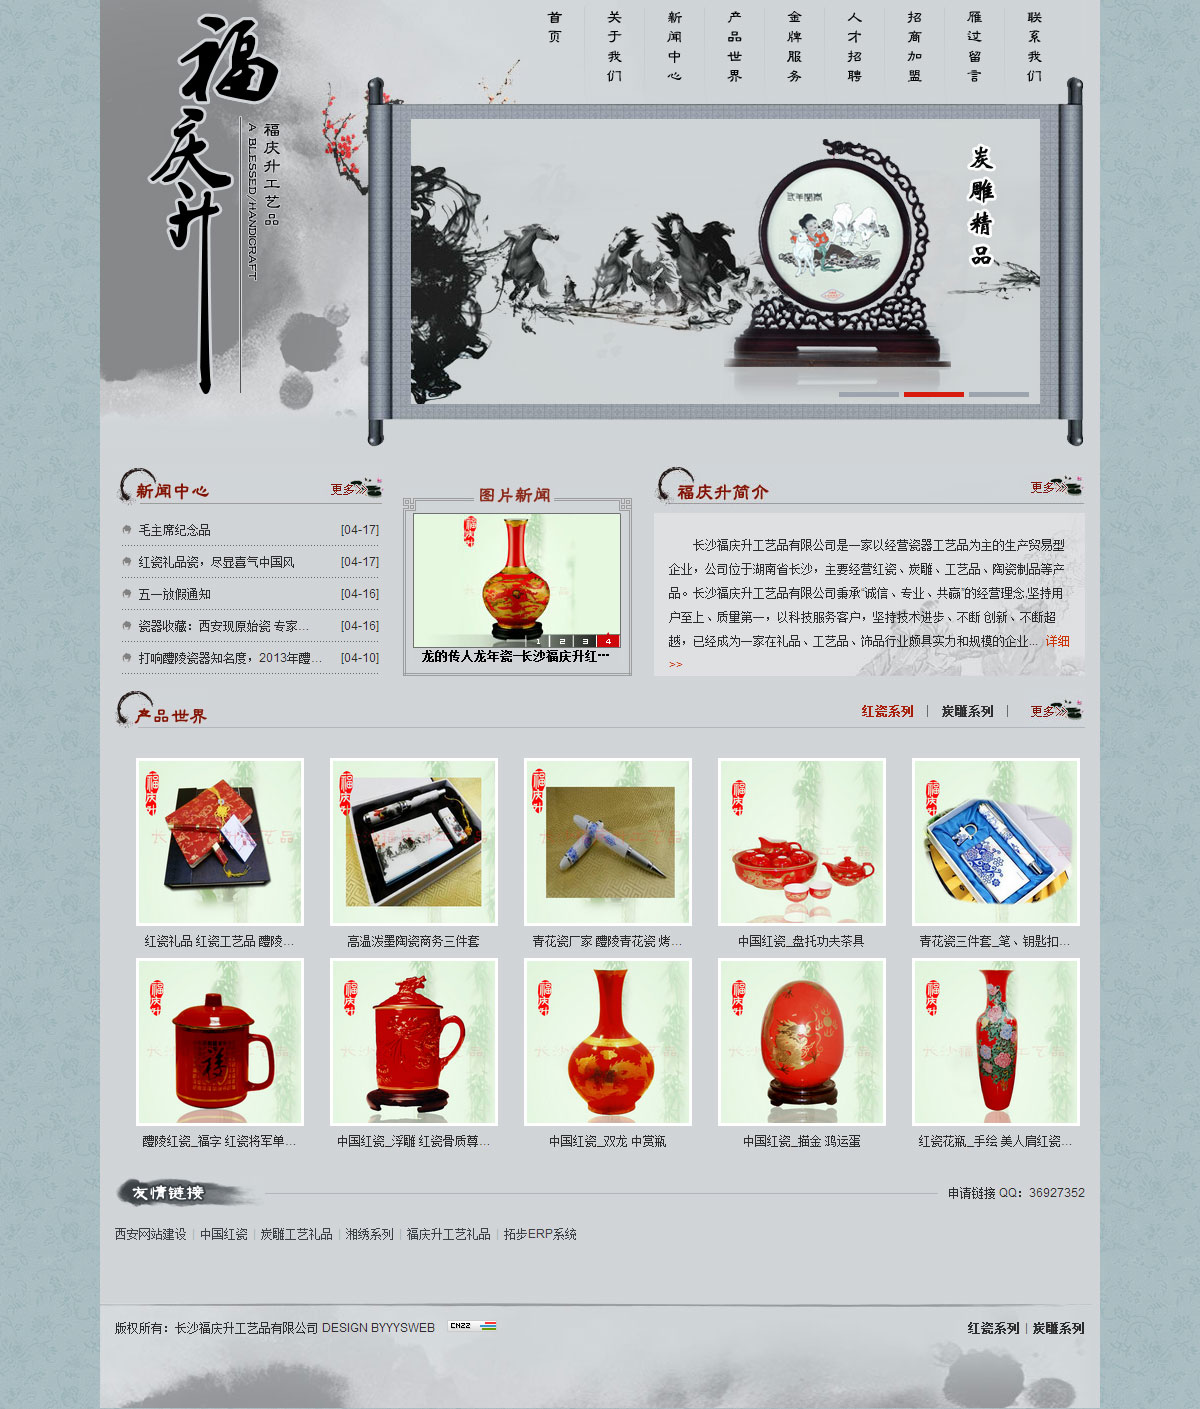 福庆升官网网站首页效果图